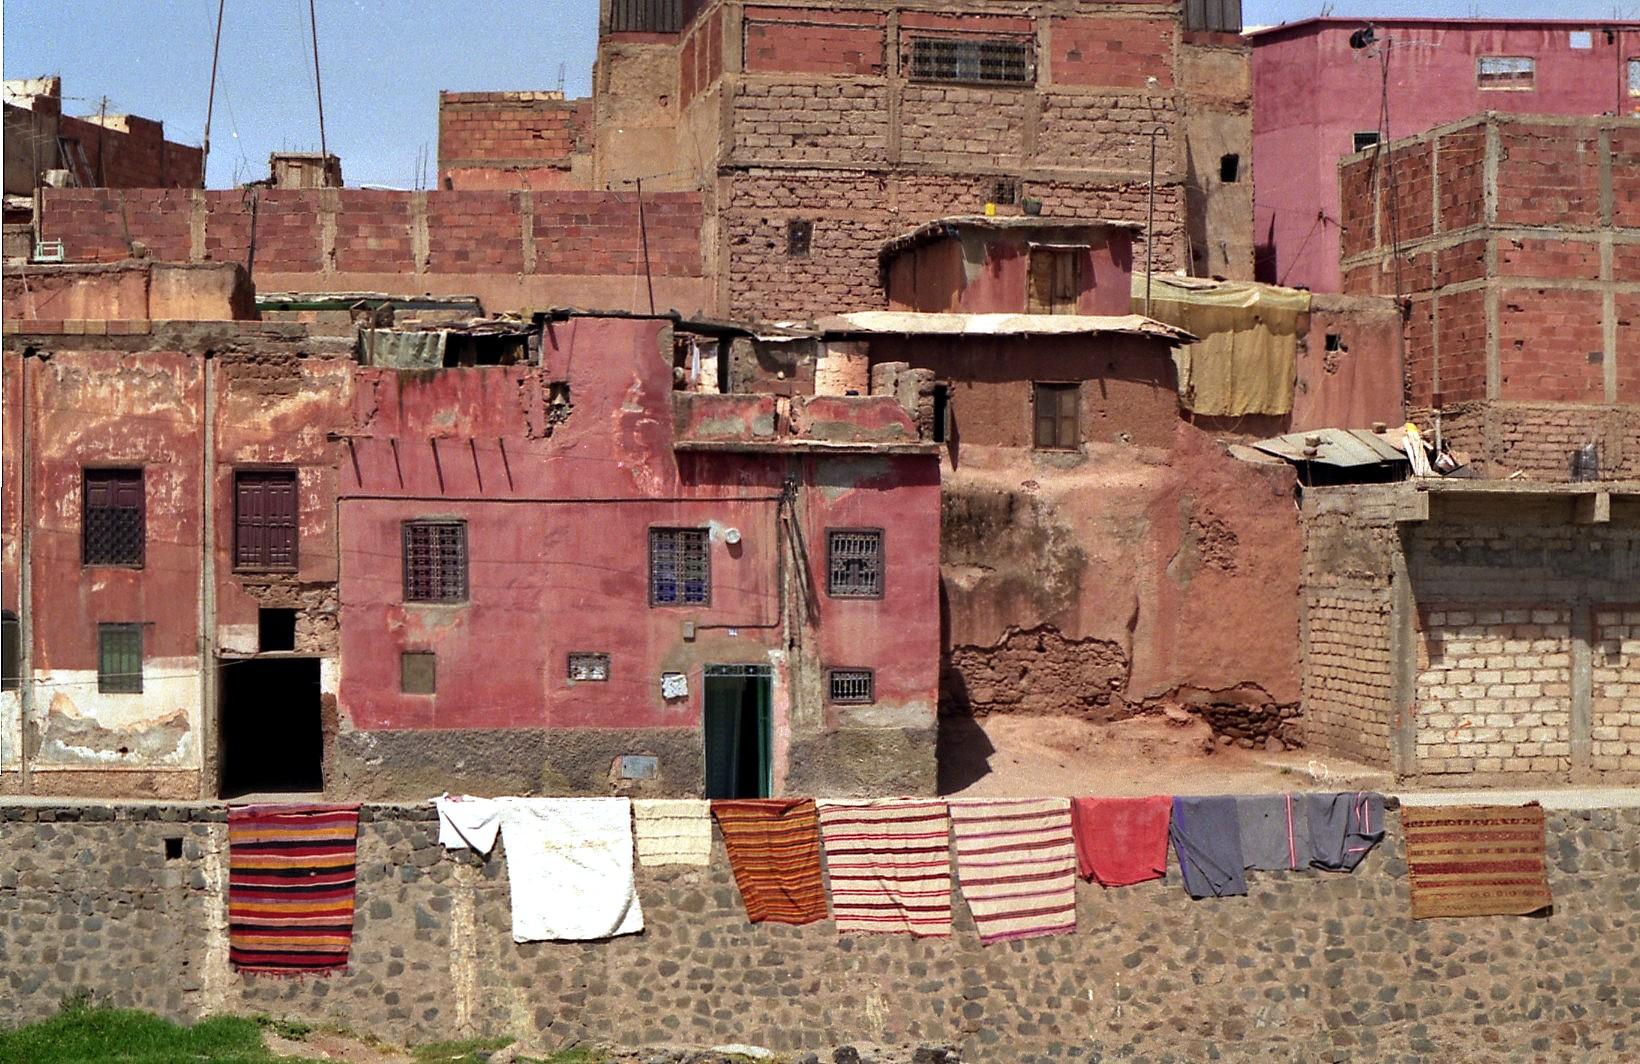 Rote Häuser Bilder rote häuser in khenifra maroc foto bild africa morocco